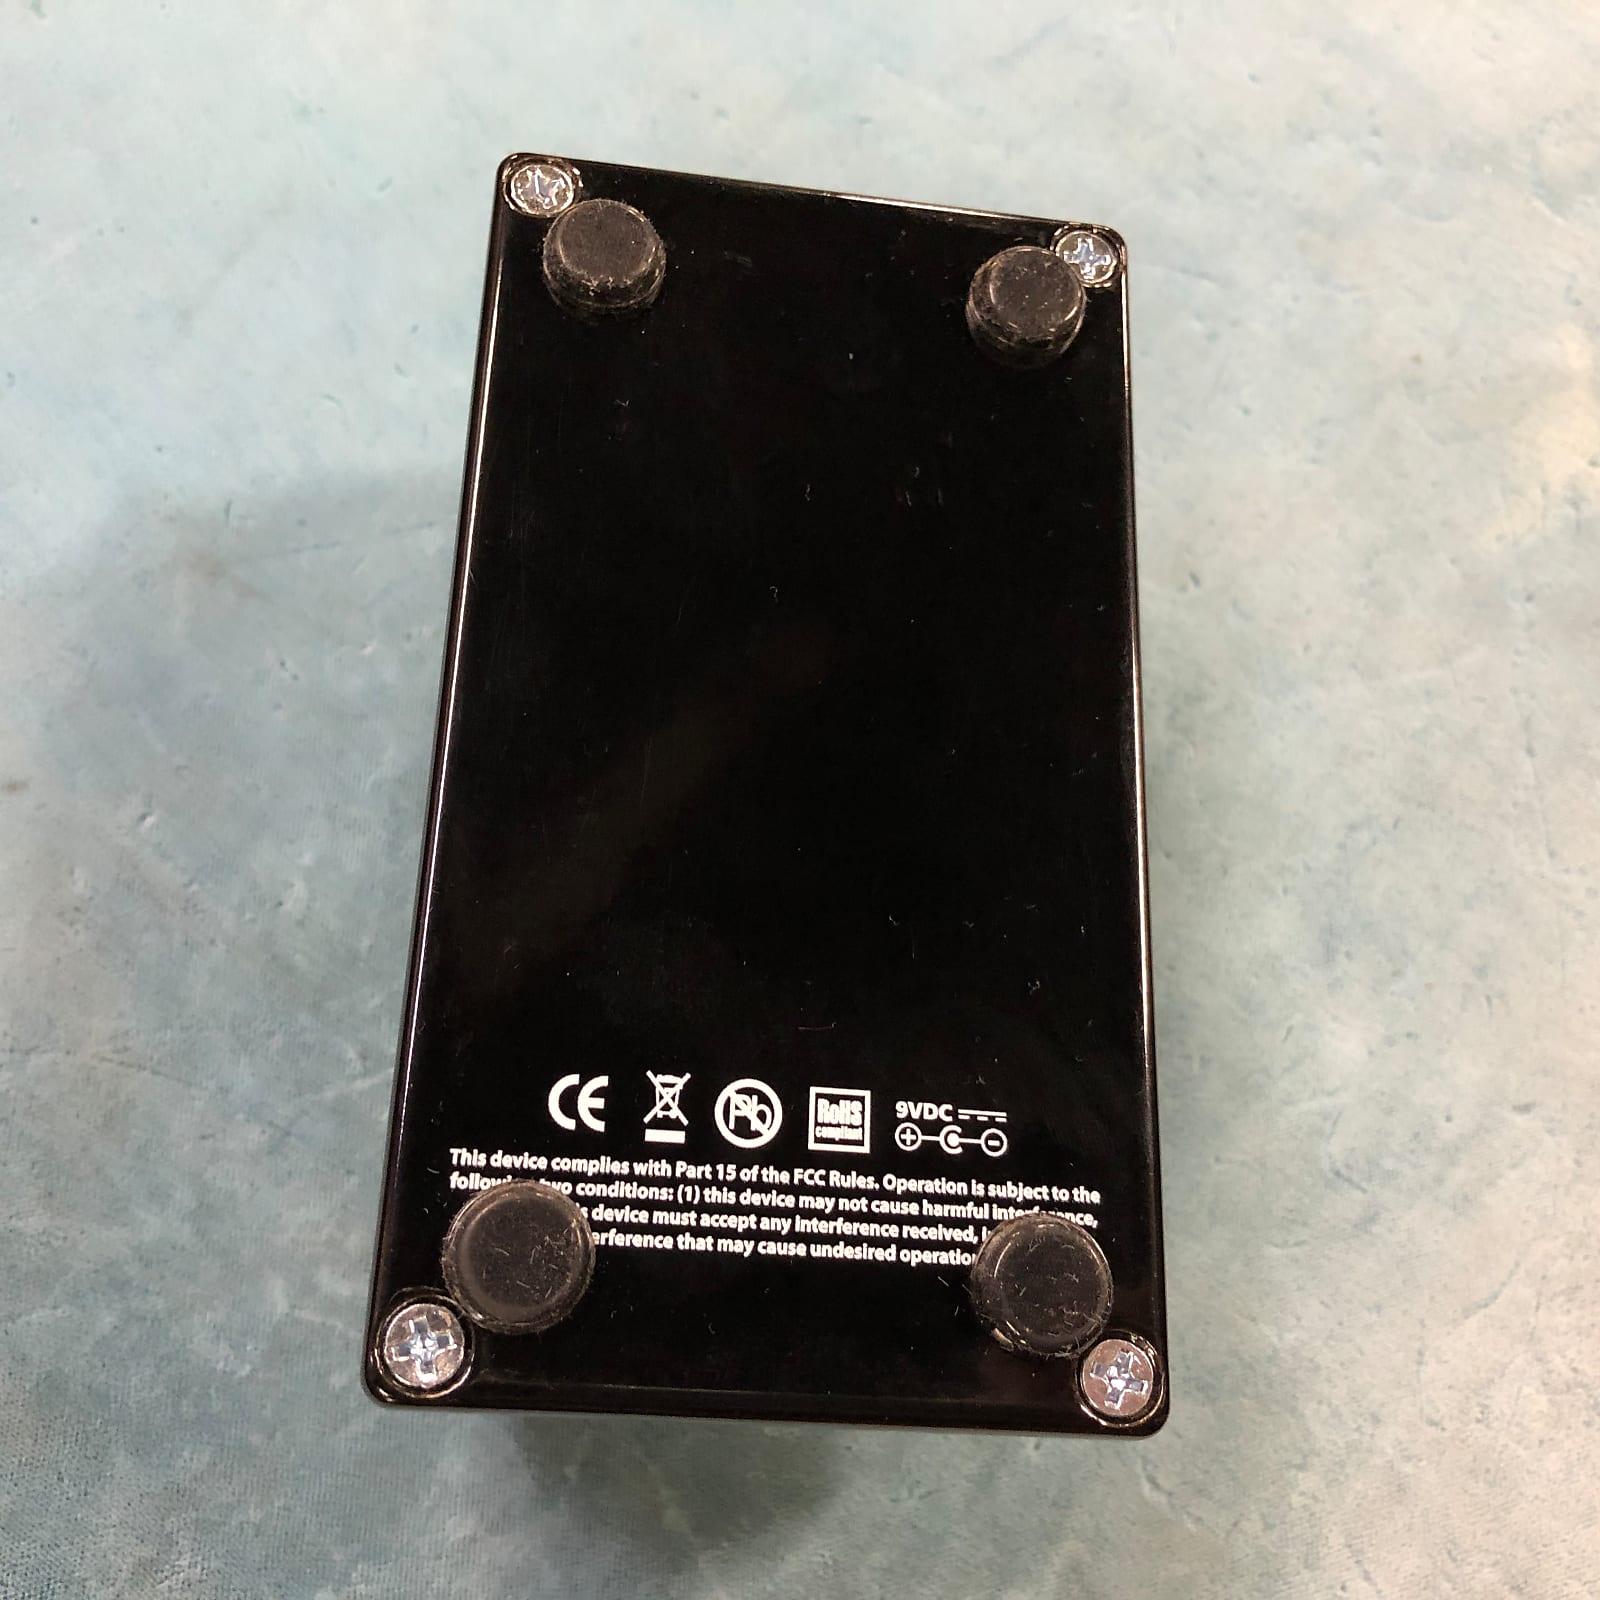 Wampler Velvet Fuzz V2 Effects Pedal w/ Box & Manual